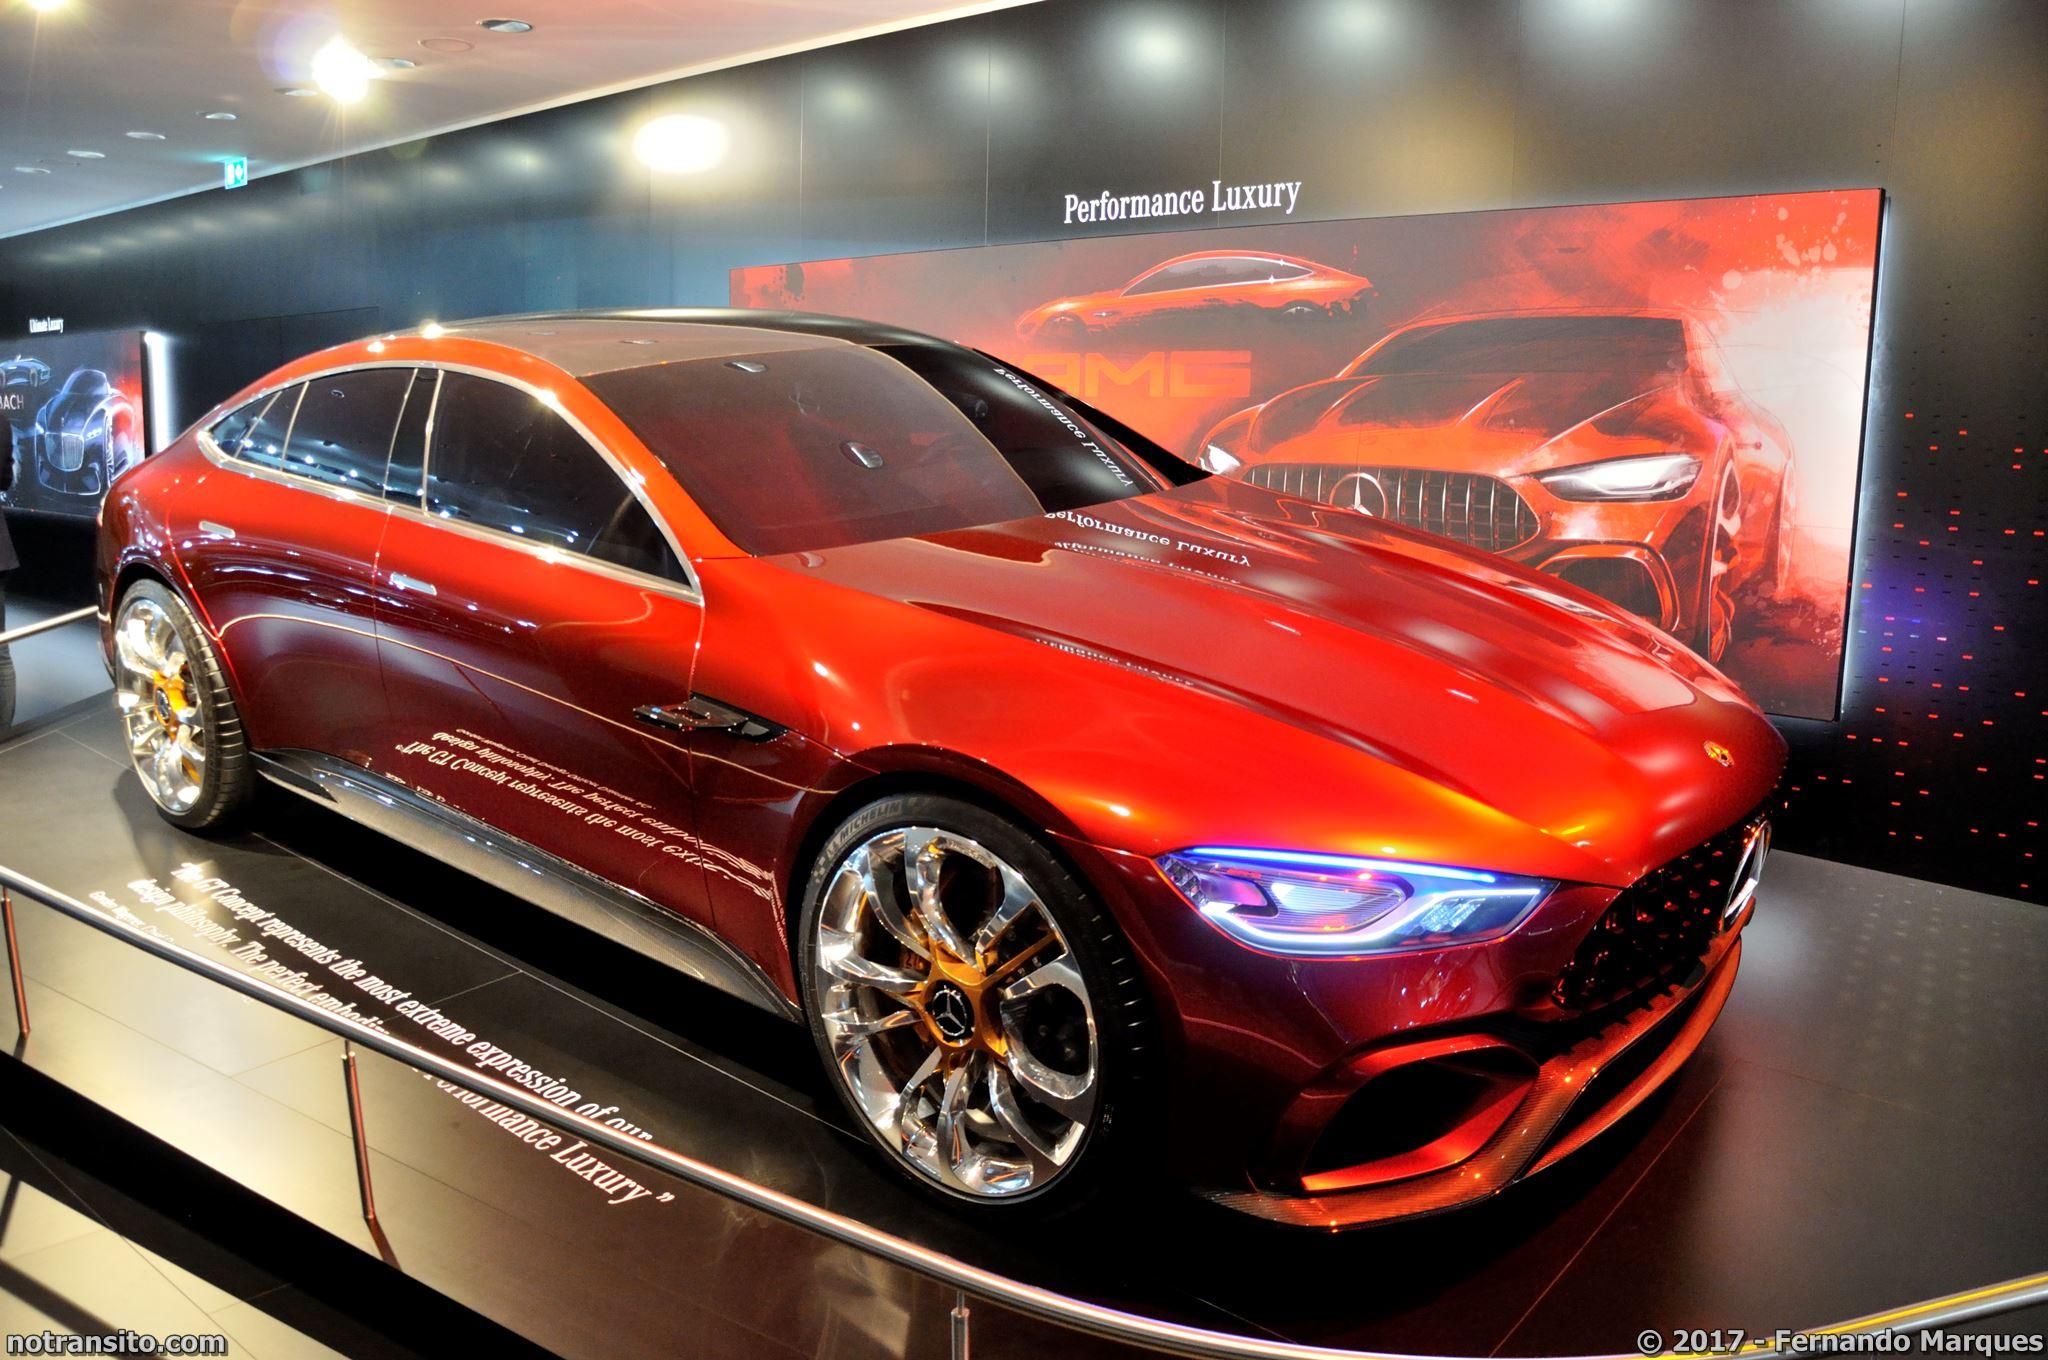 A versão conceitual AMG GT Concept foi apresentada no último Salão de Frankfurt e a versão final pode ser conferida pelo público no último Salão do Automóvel em São Paulo.